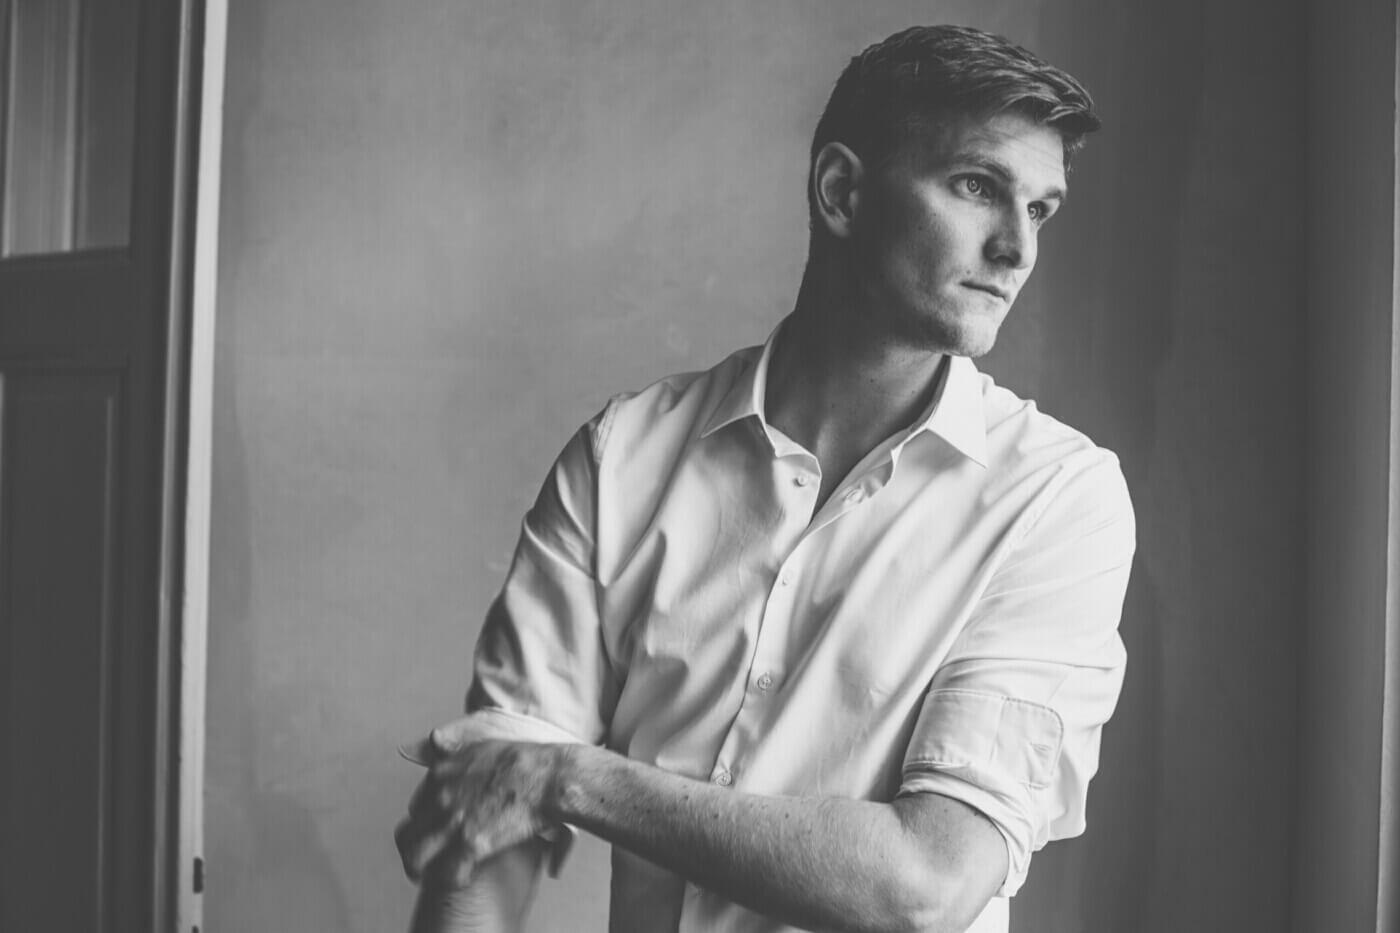 David-Schellenschmidt-Schauspielerportrait-gontarski-